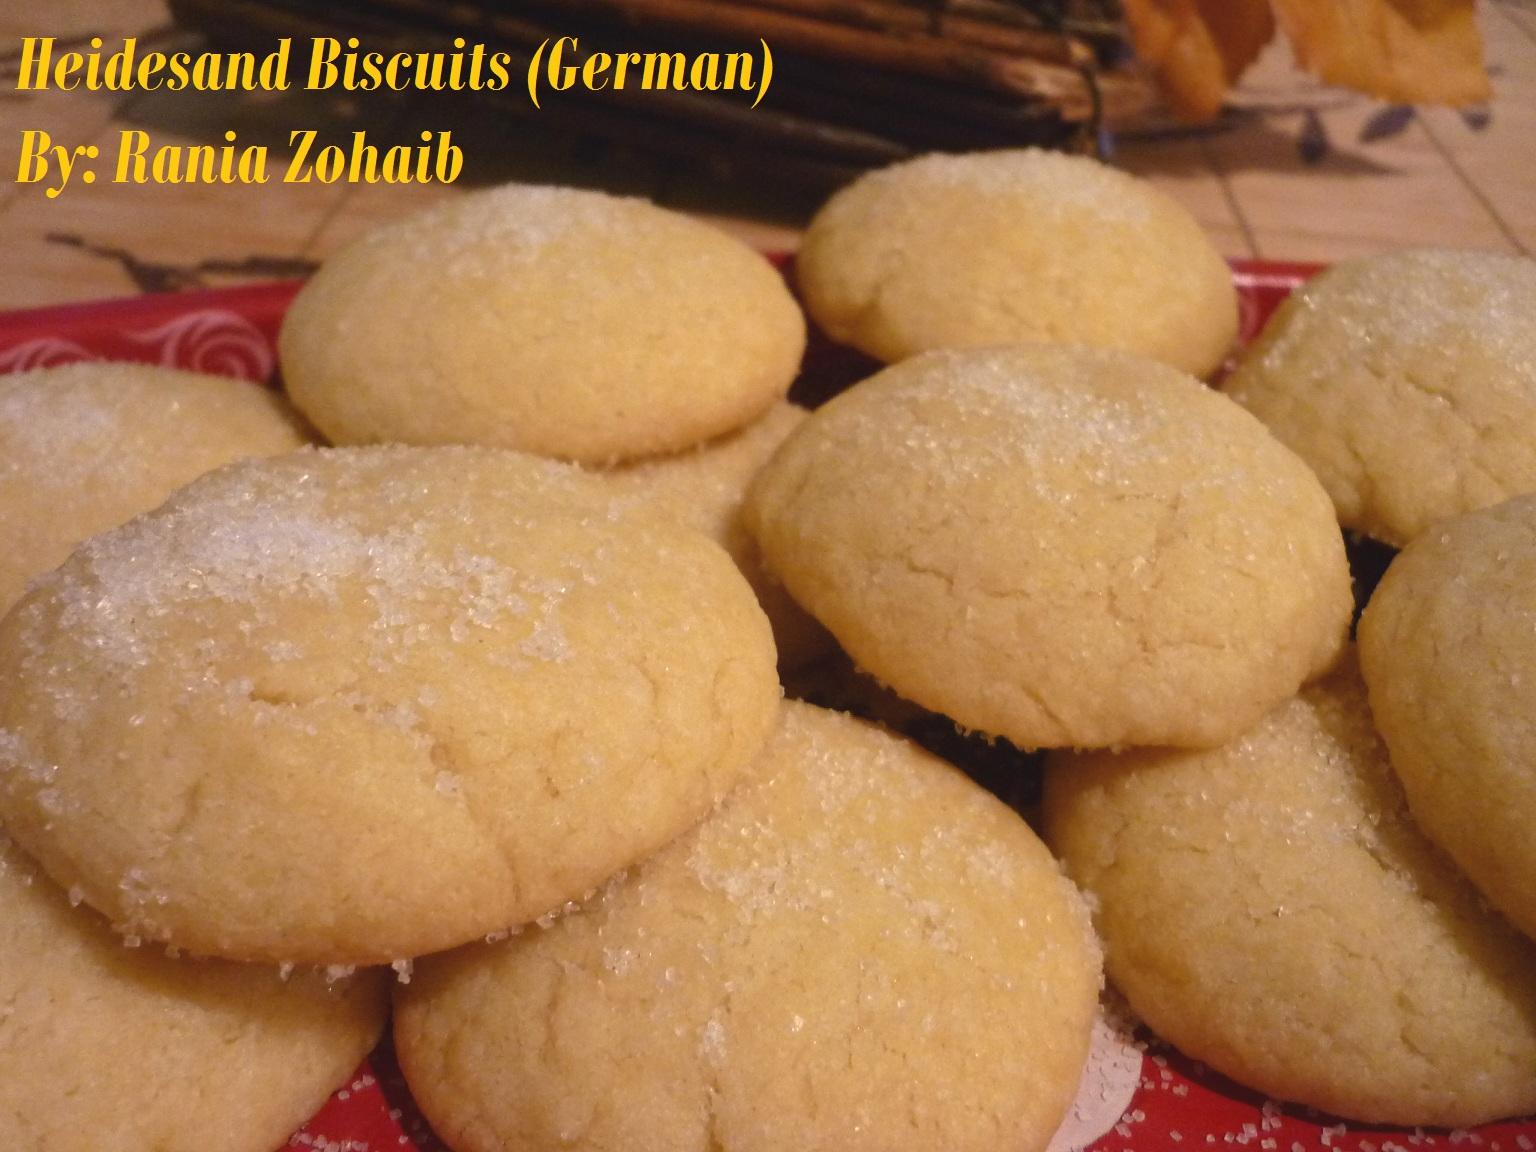 Rania Work With Sugar N Spice Heidesand Biscuits German Kekse